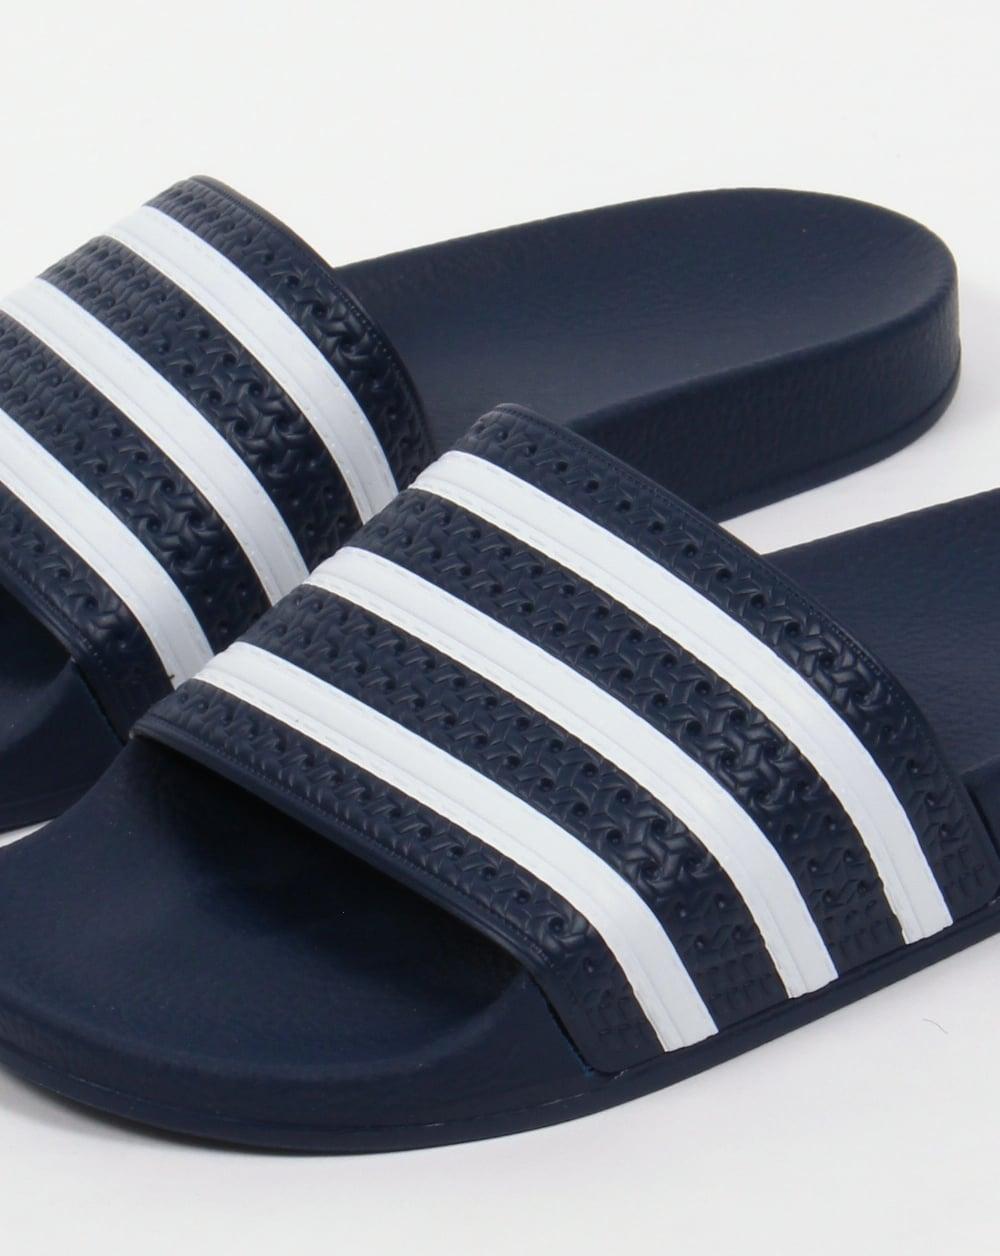 fcc7d6191e07 Adidas Adilette Sliders Navy White